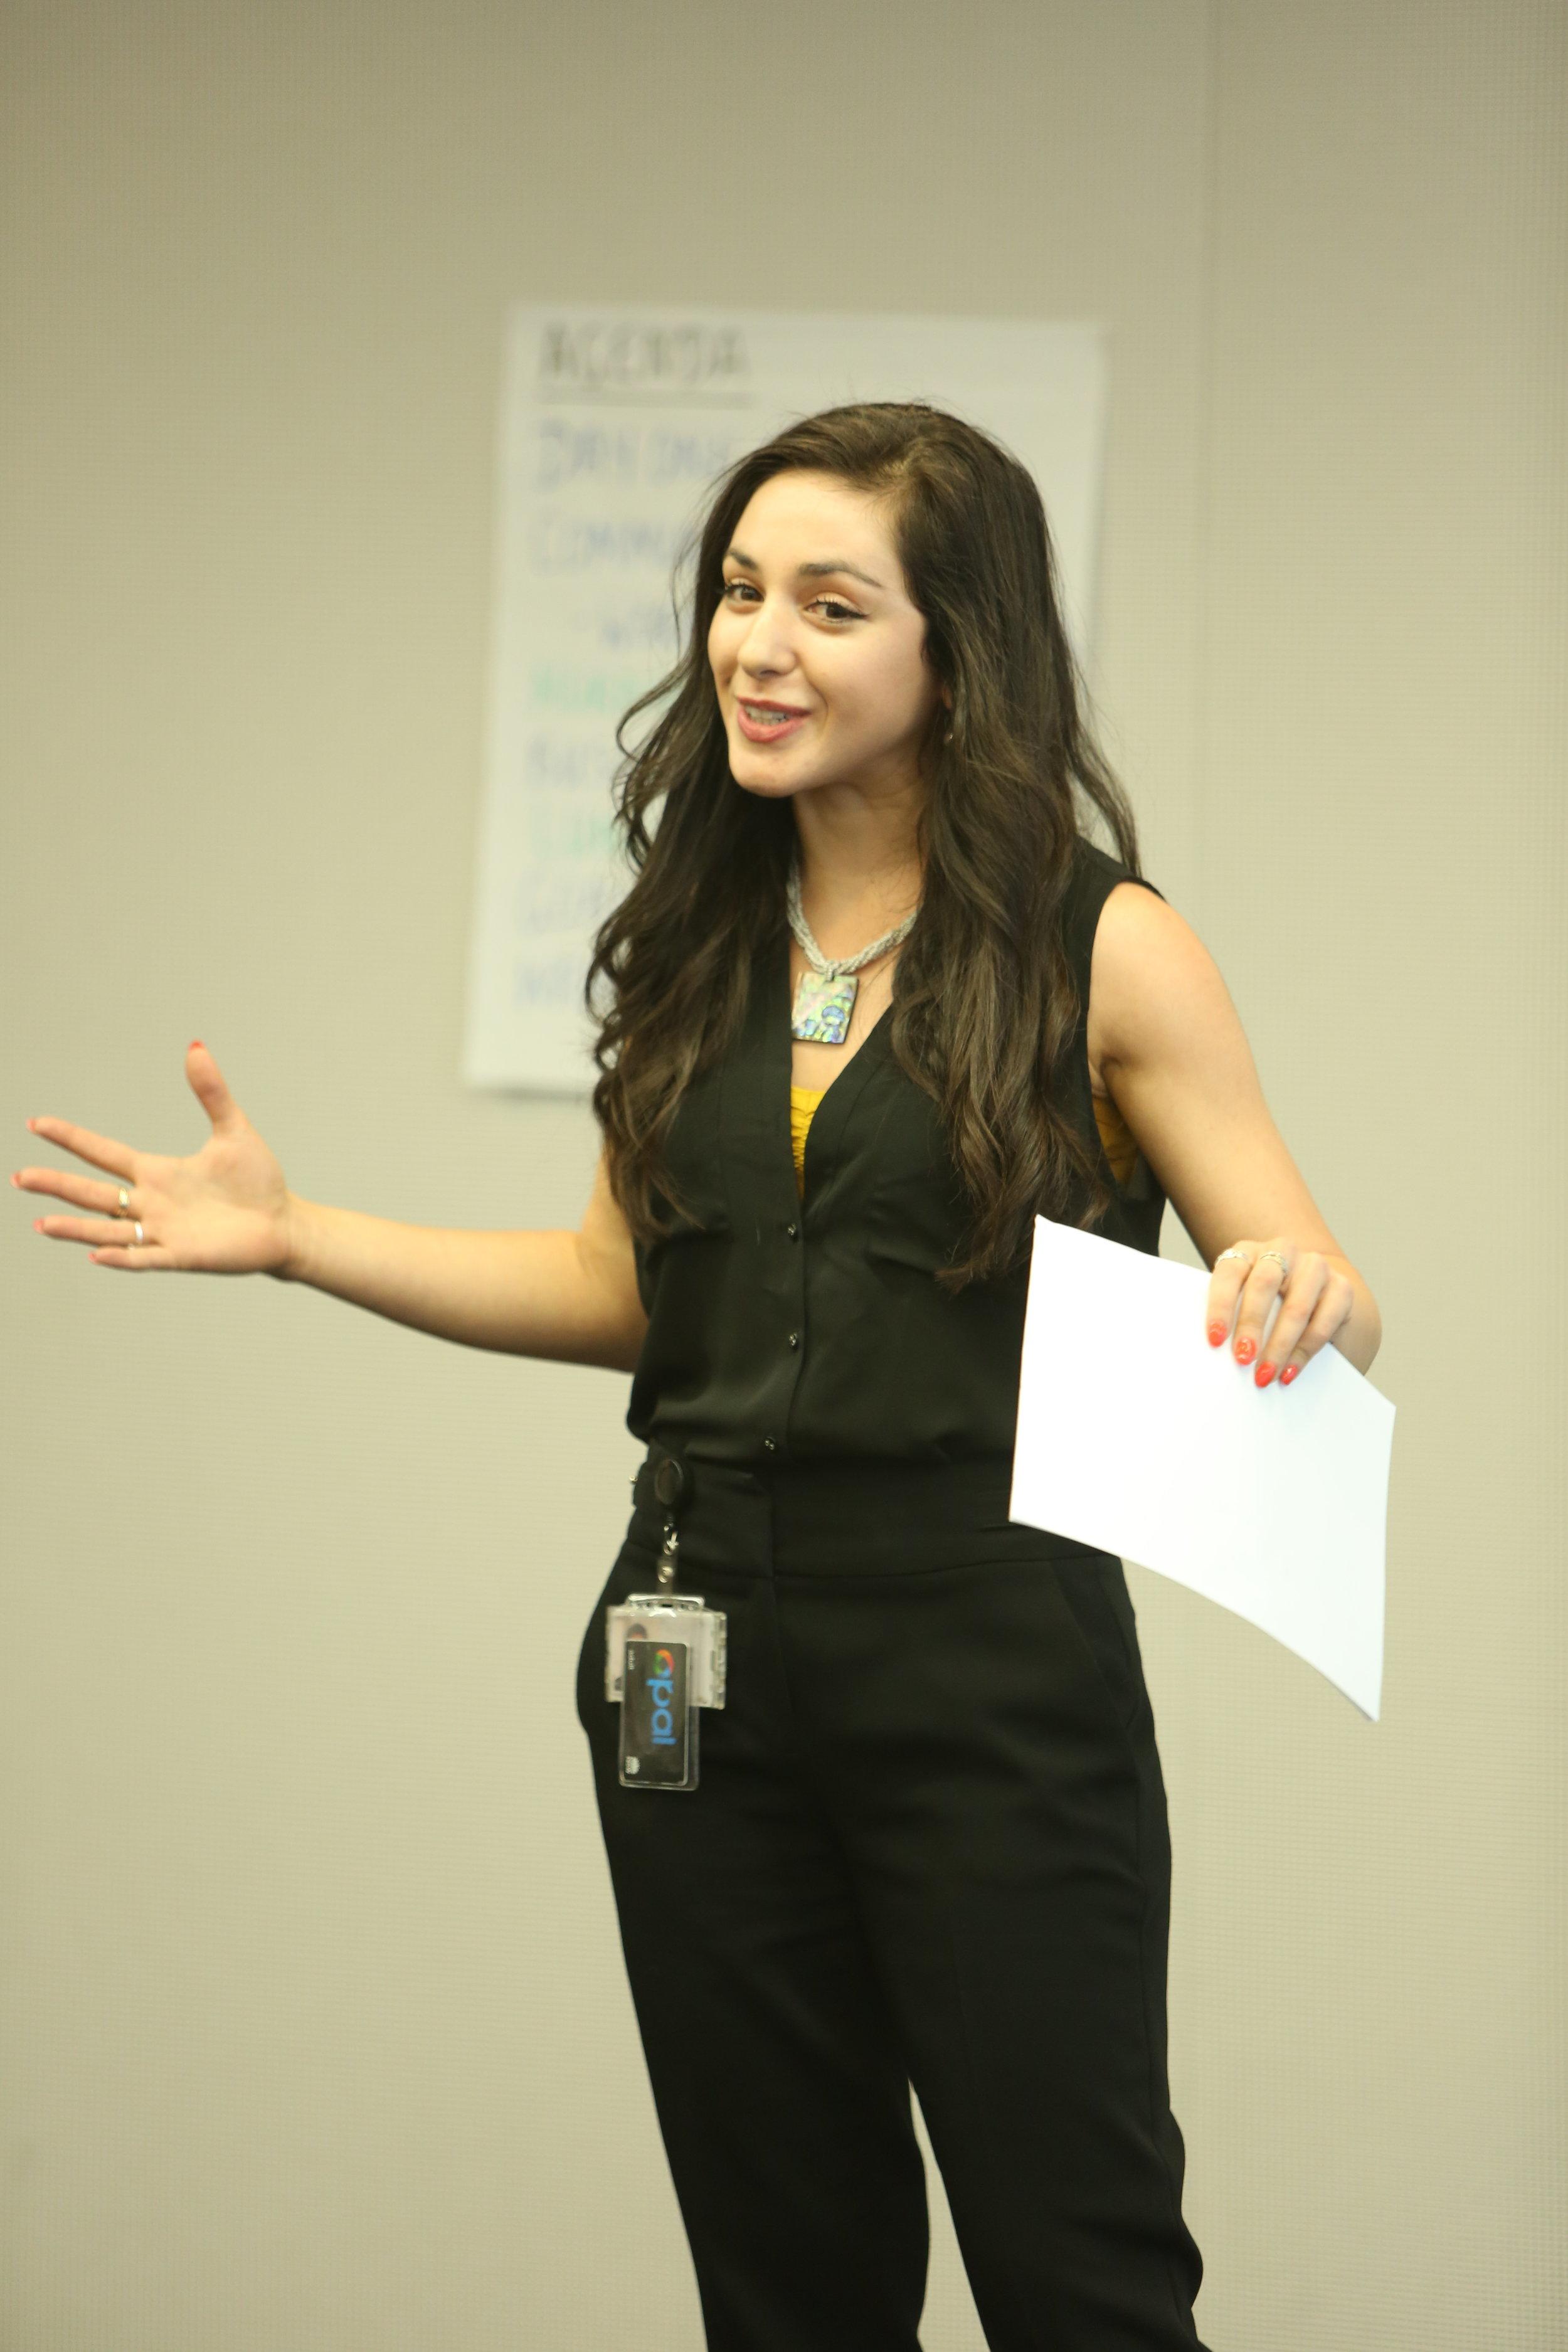 Presentation, CareerSeekers